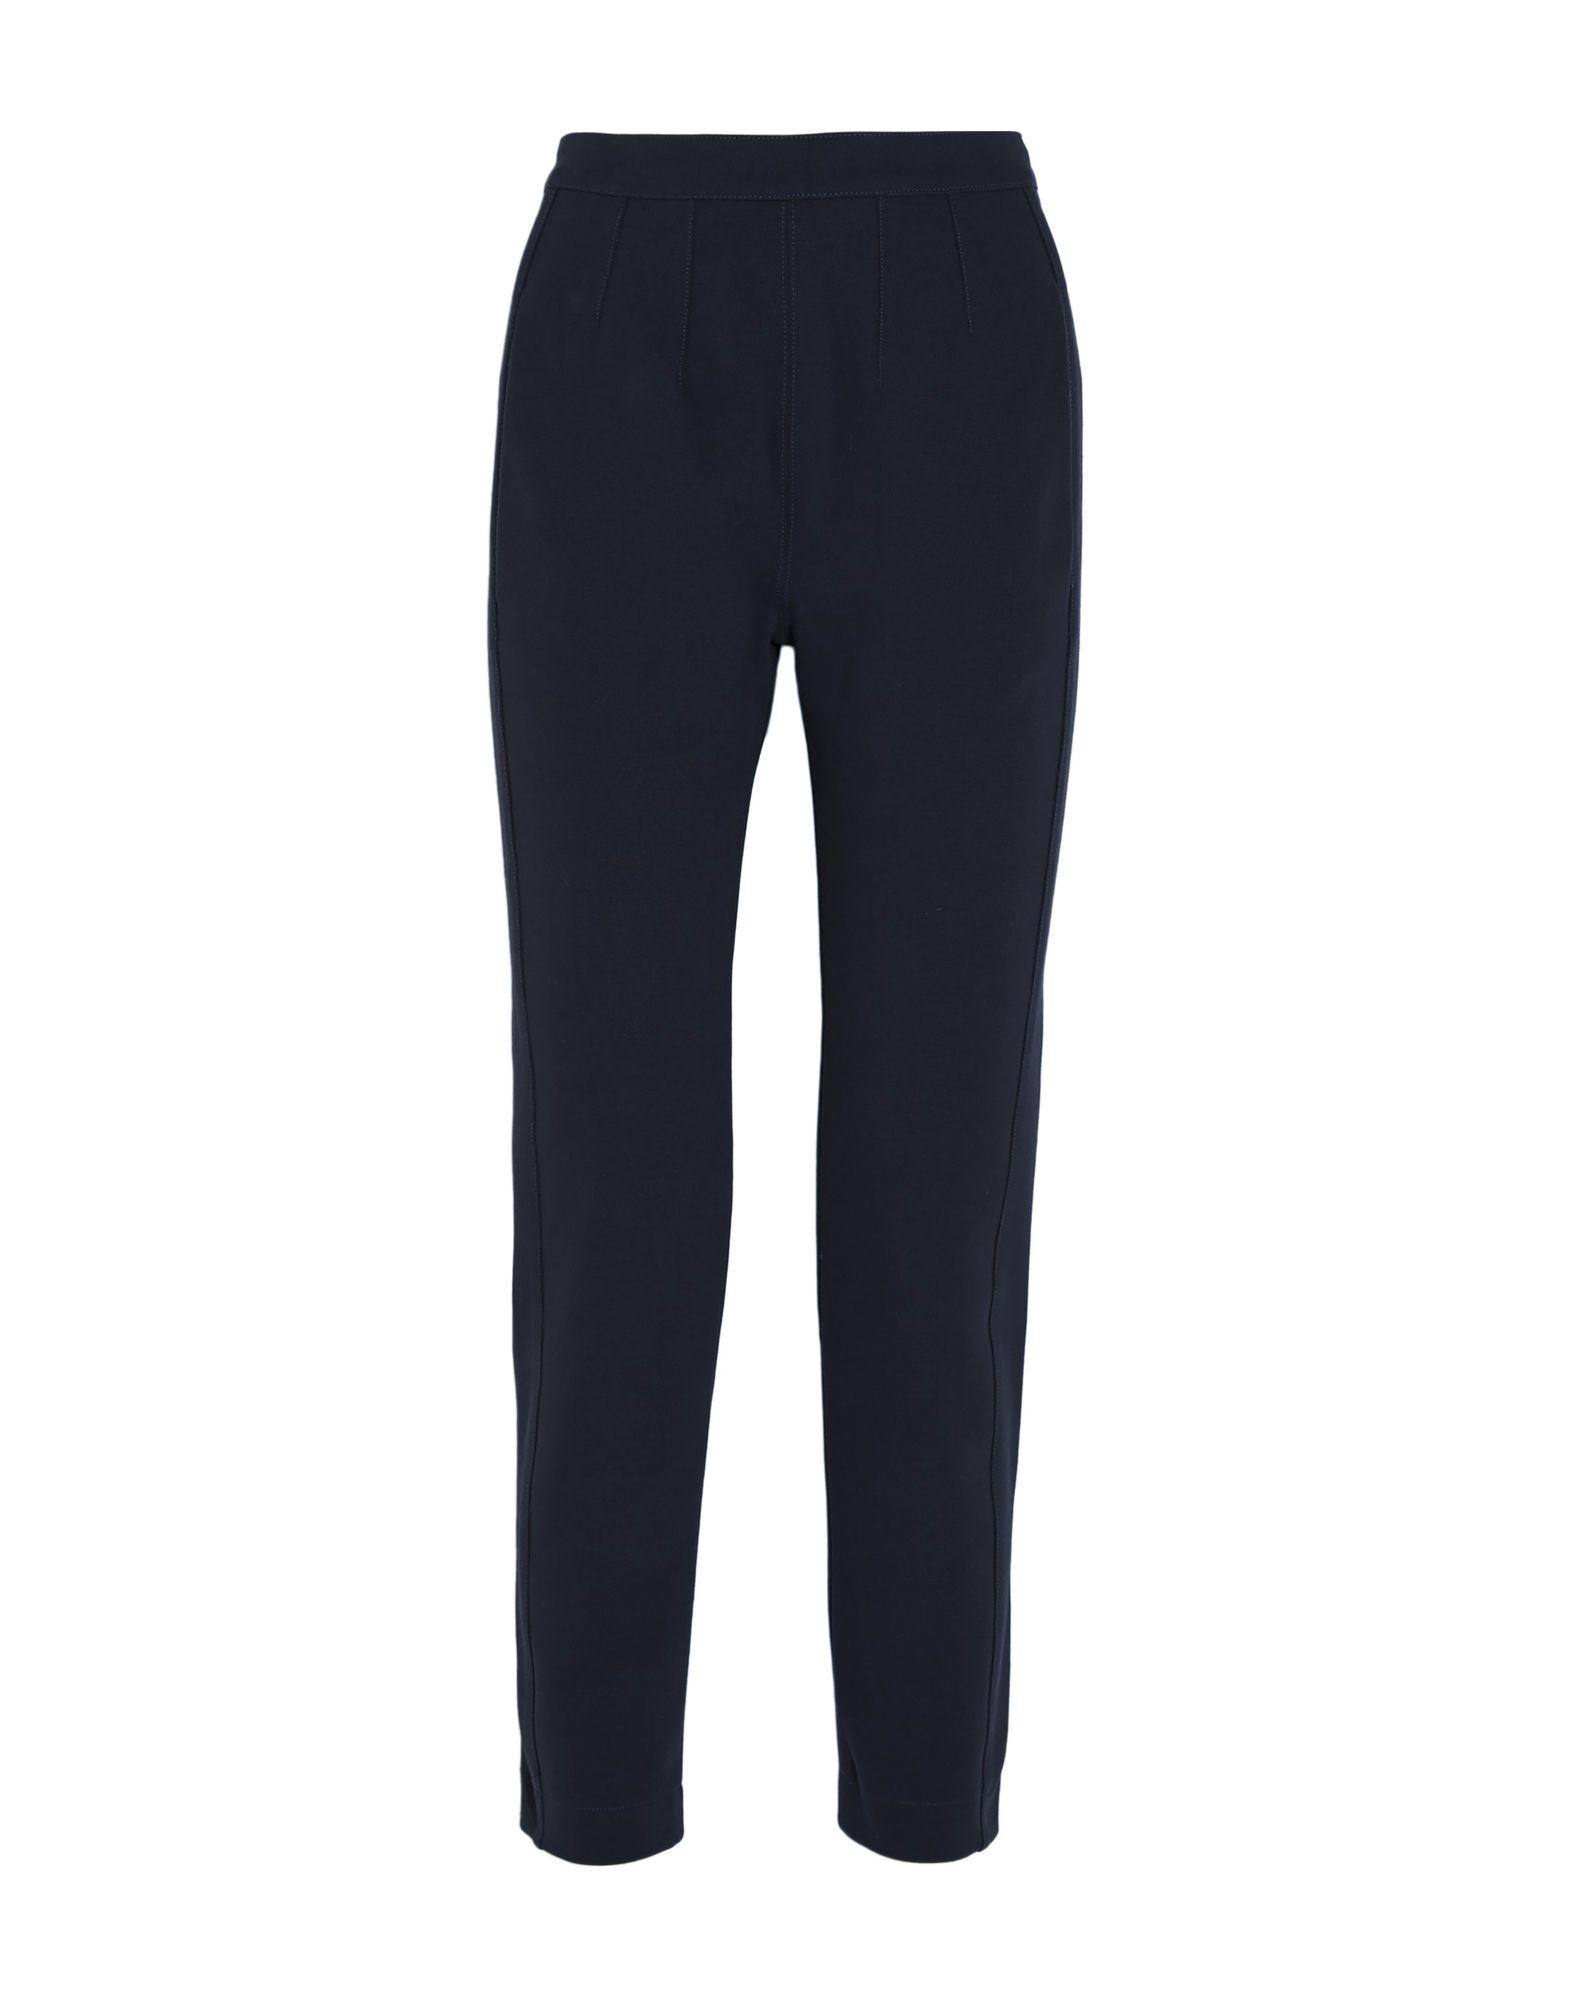 Pantalone Atlein damen - 13254368JU